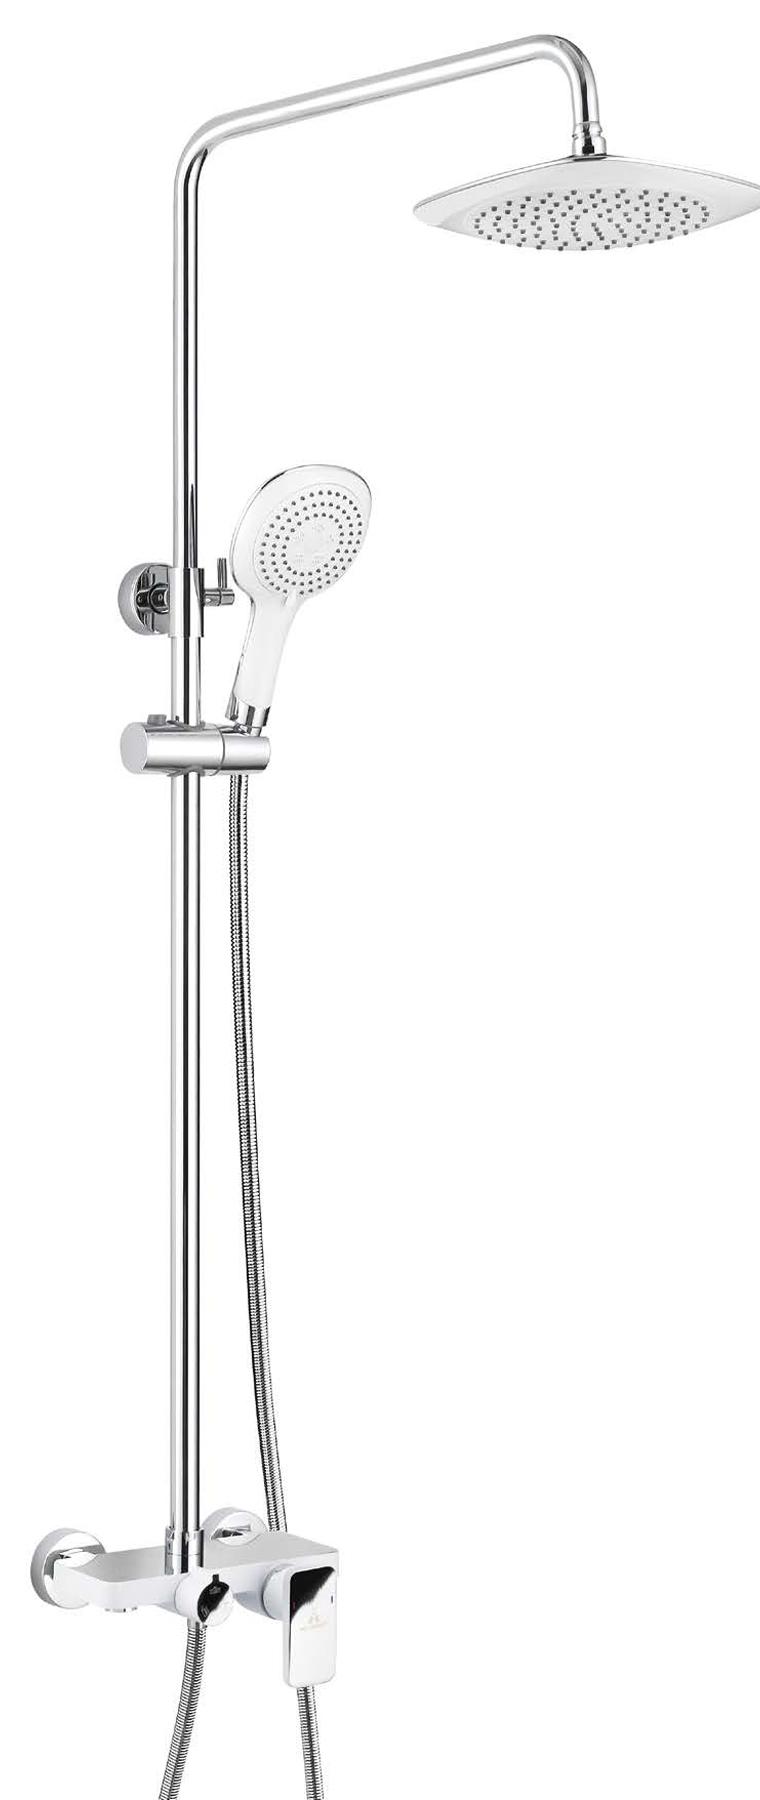 Conjuntos de ducha   Griferia Monomando      ZENDA